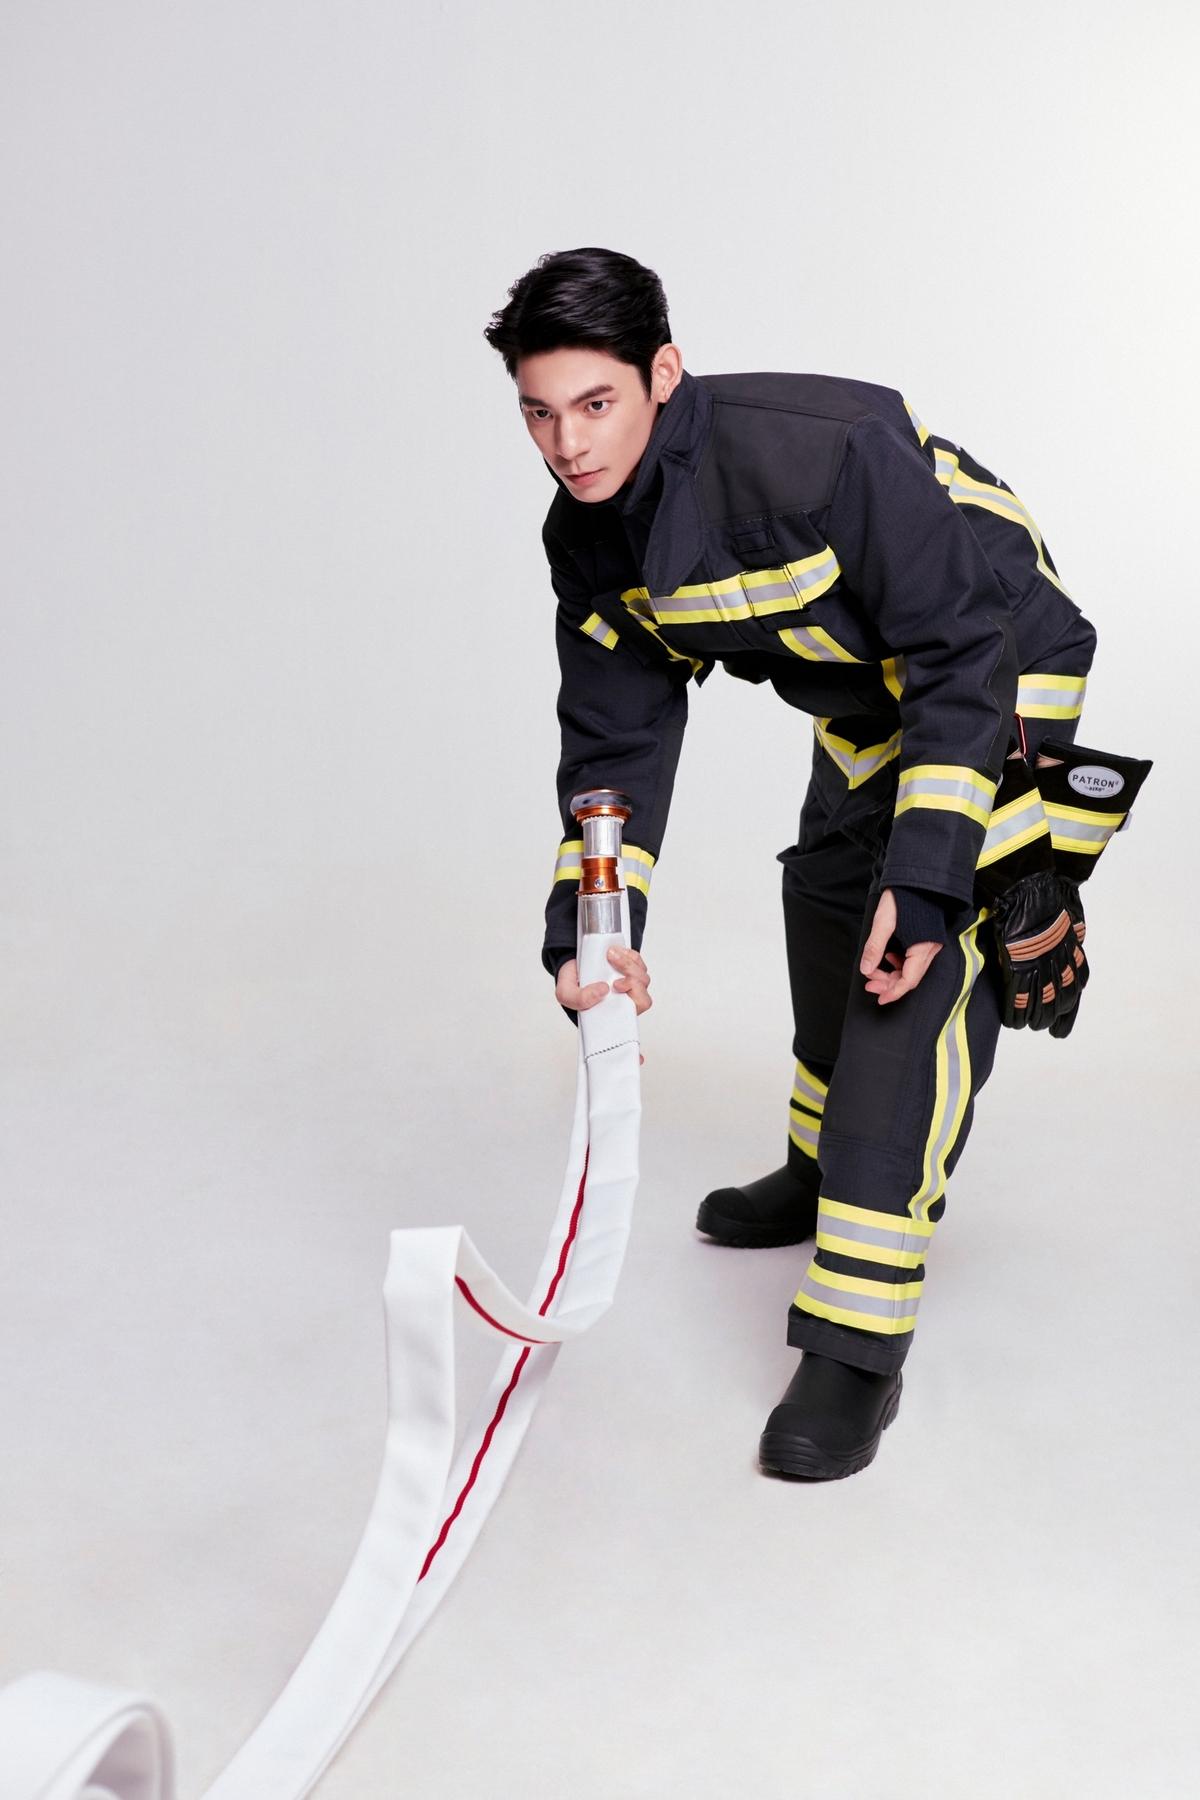 拍過《火神的眼淚》就是不一樣!林柏宏帥當消防大使pose滿分